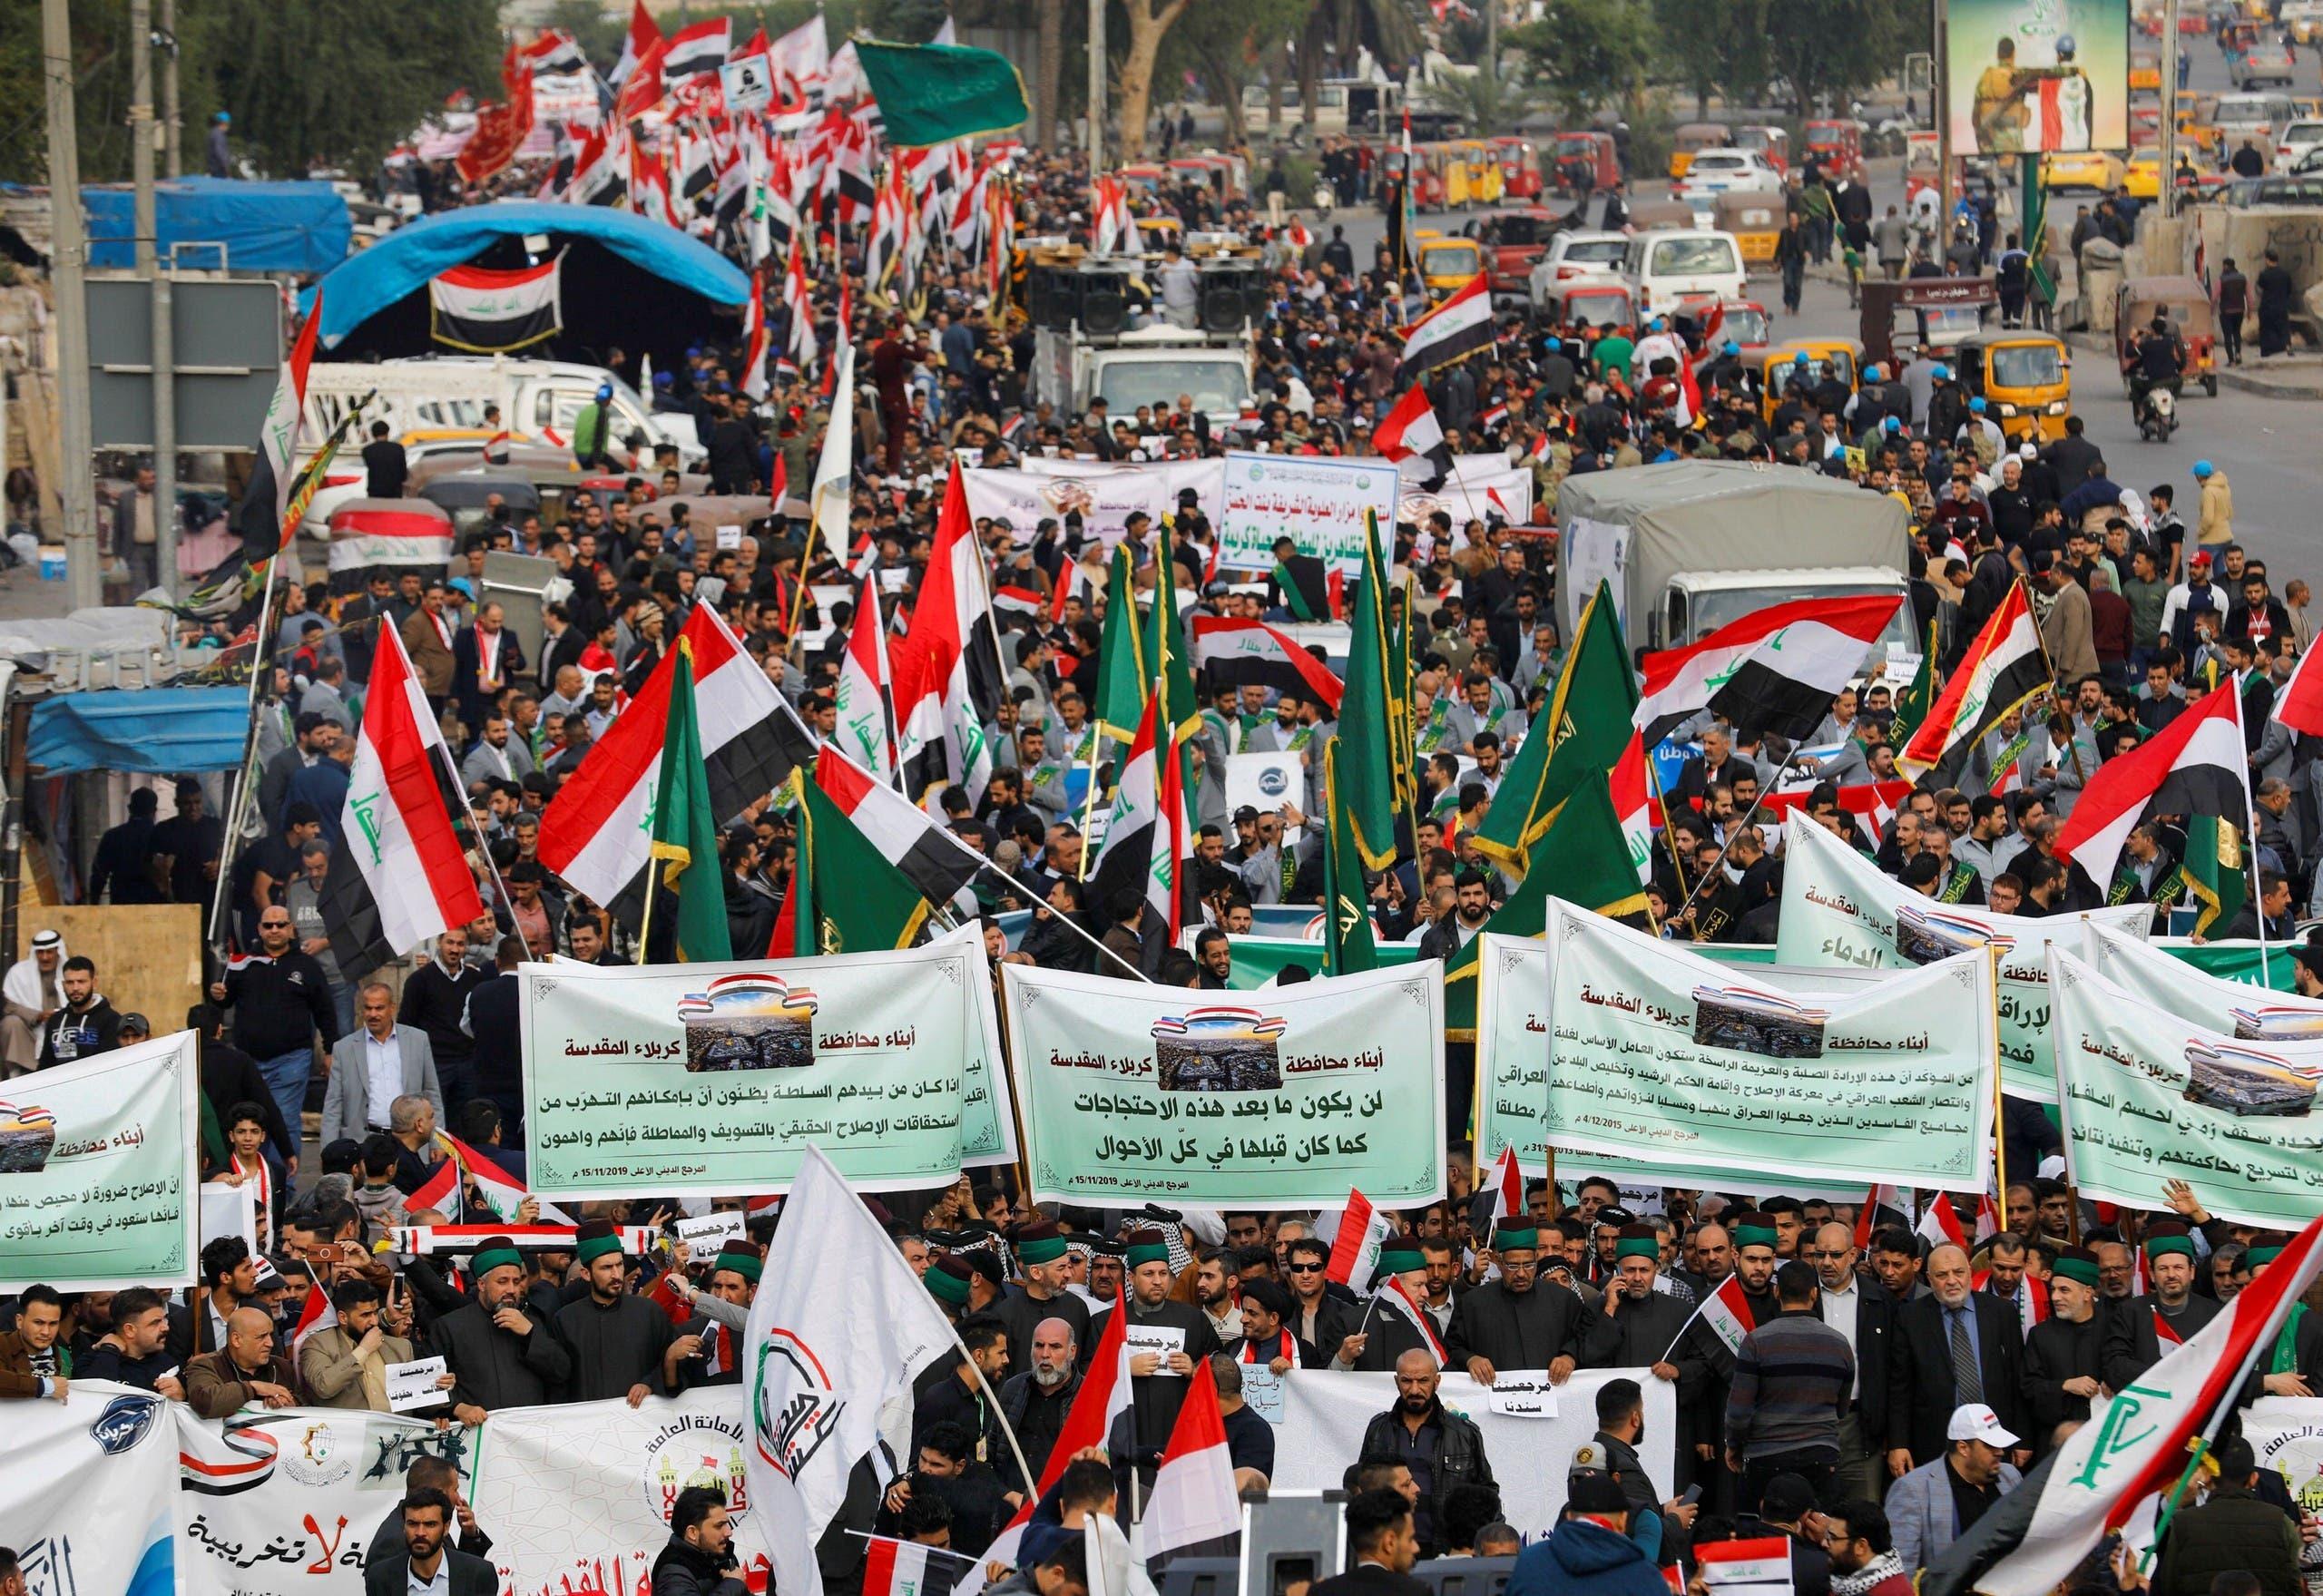 برلمان العراق يتعهد بمحاسبة الجهة التي قتلت المتظاهرين